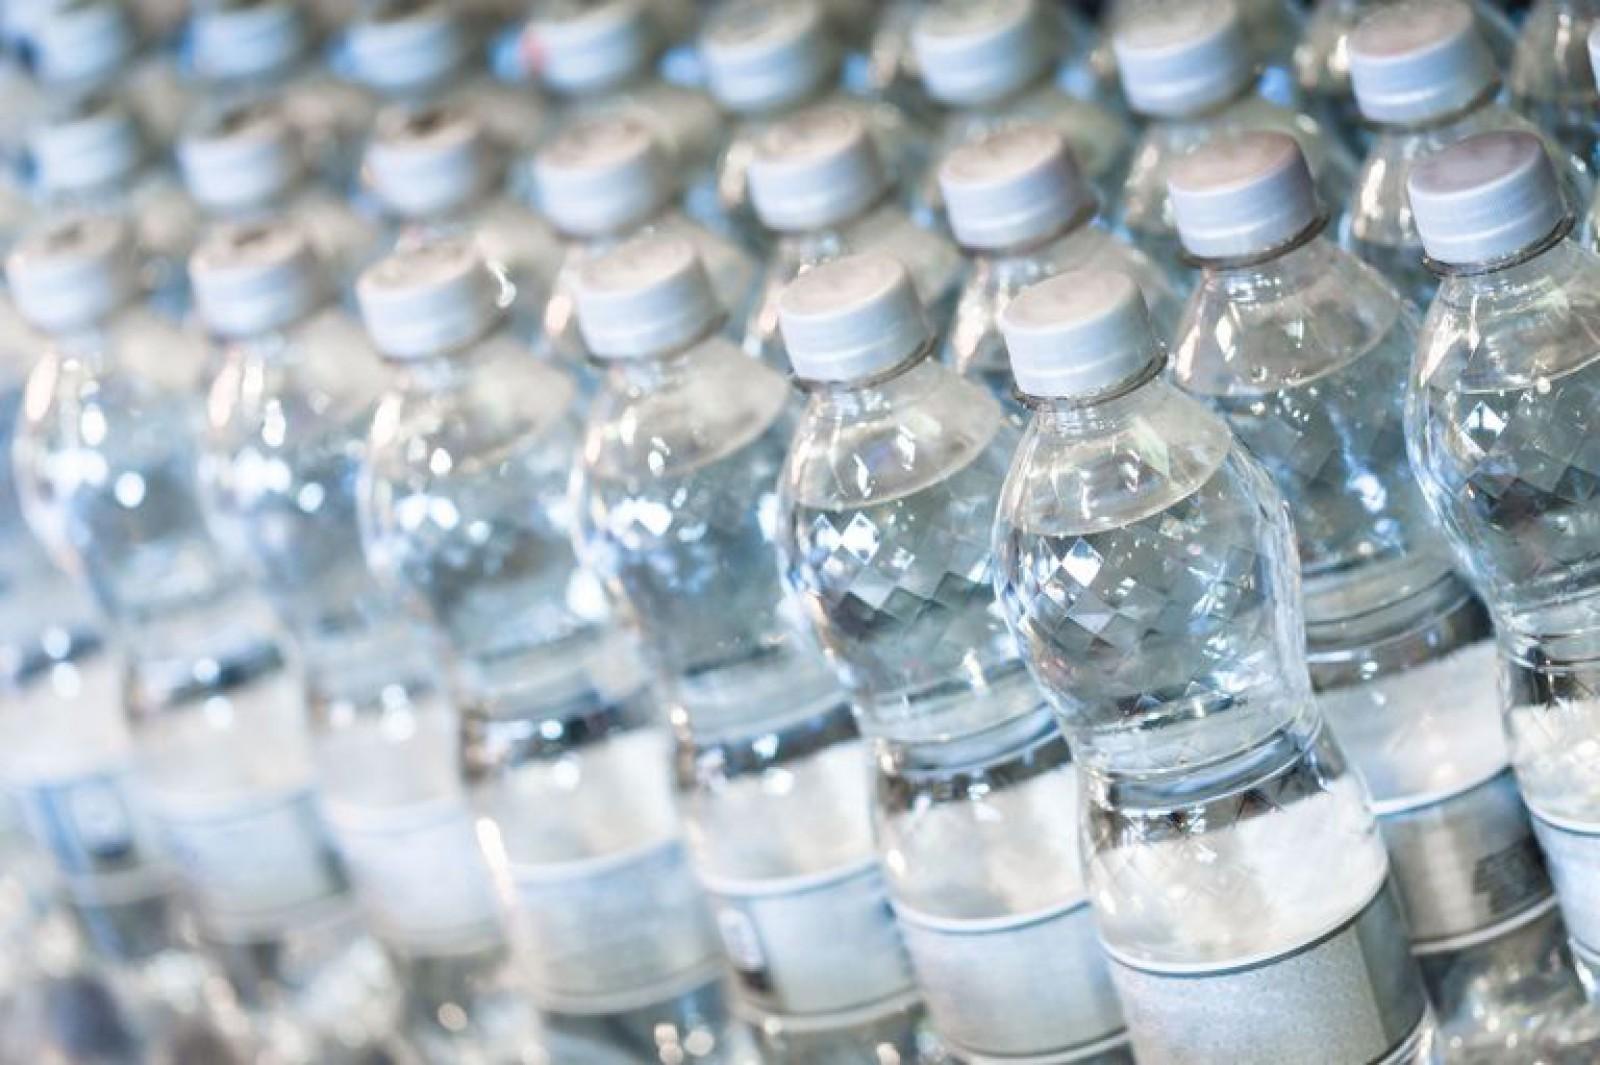 Pericolul ascuns din sticlele de plastic. Un studiu a scos la iveală că acestea contribuie la creşterea ratei mortalităţii